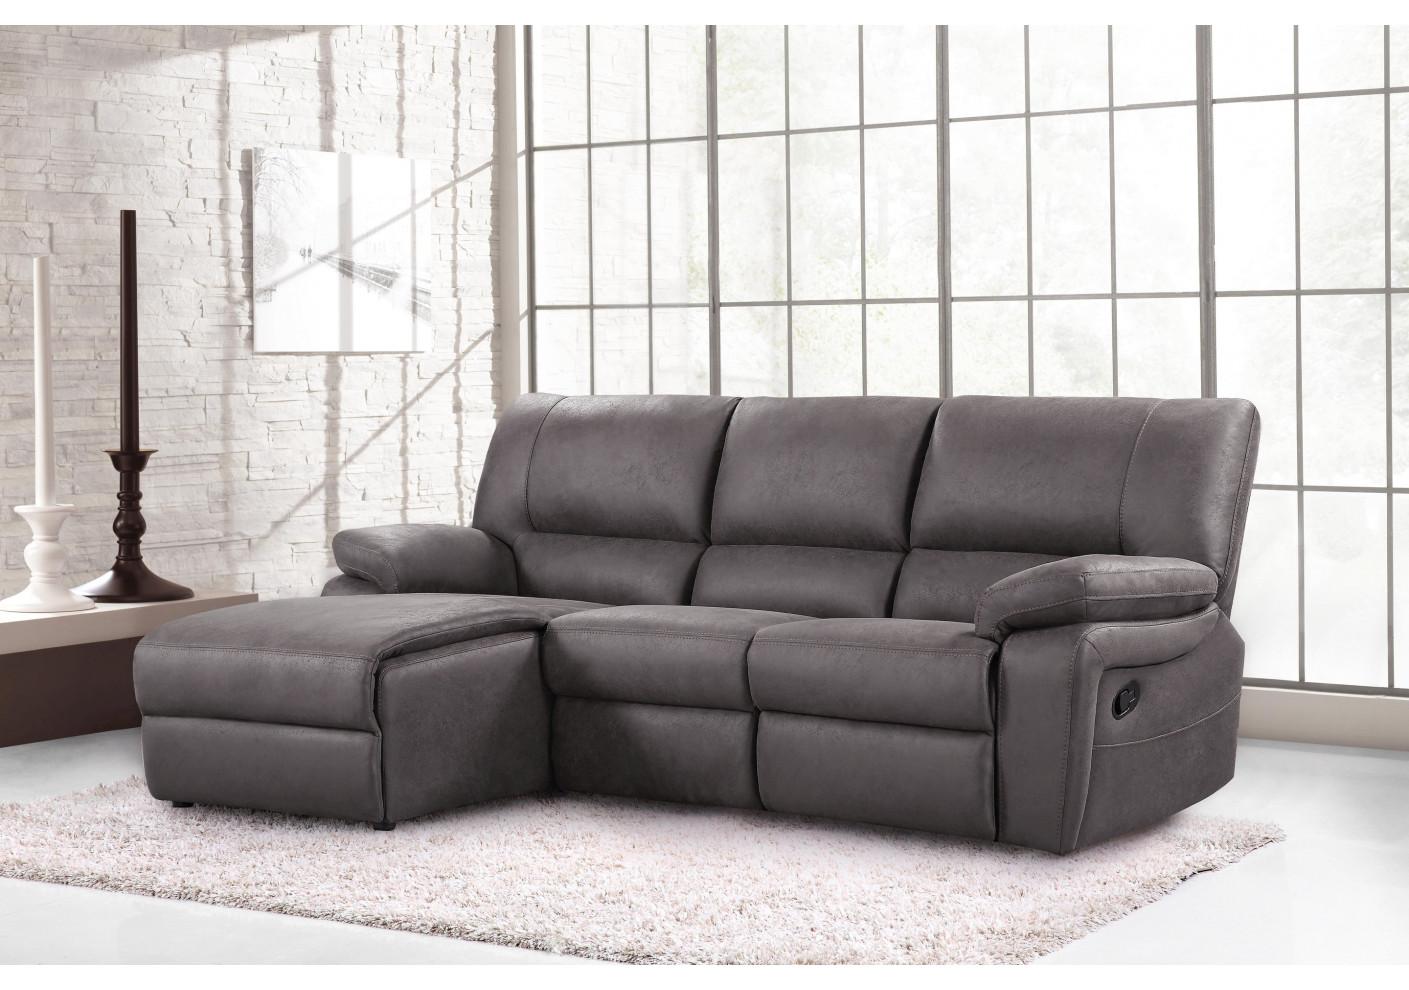 canap mauro m ridienne gauche nubuc gris canap s et. Black Bedroom Furniture Sets. Home Design Ideas